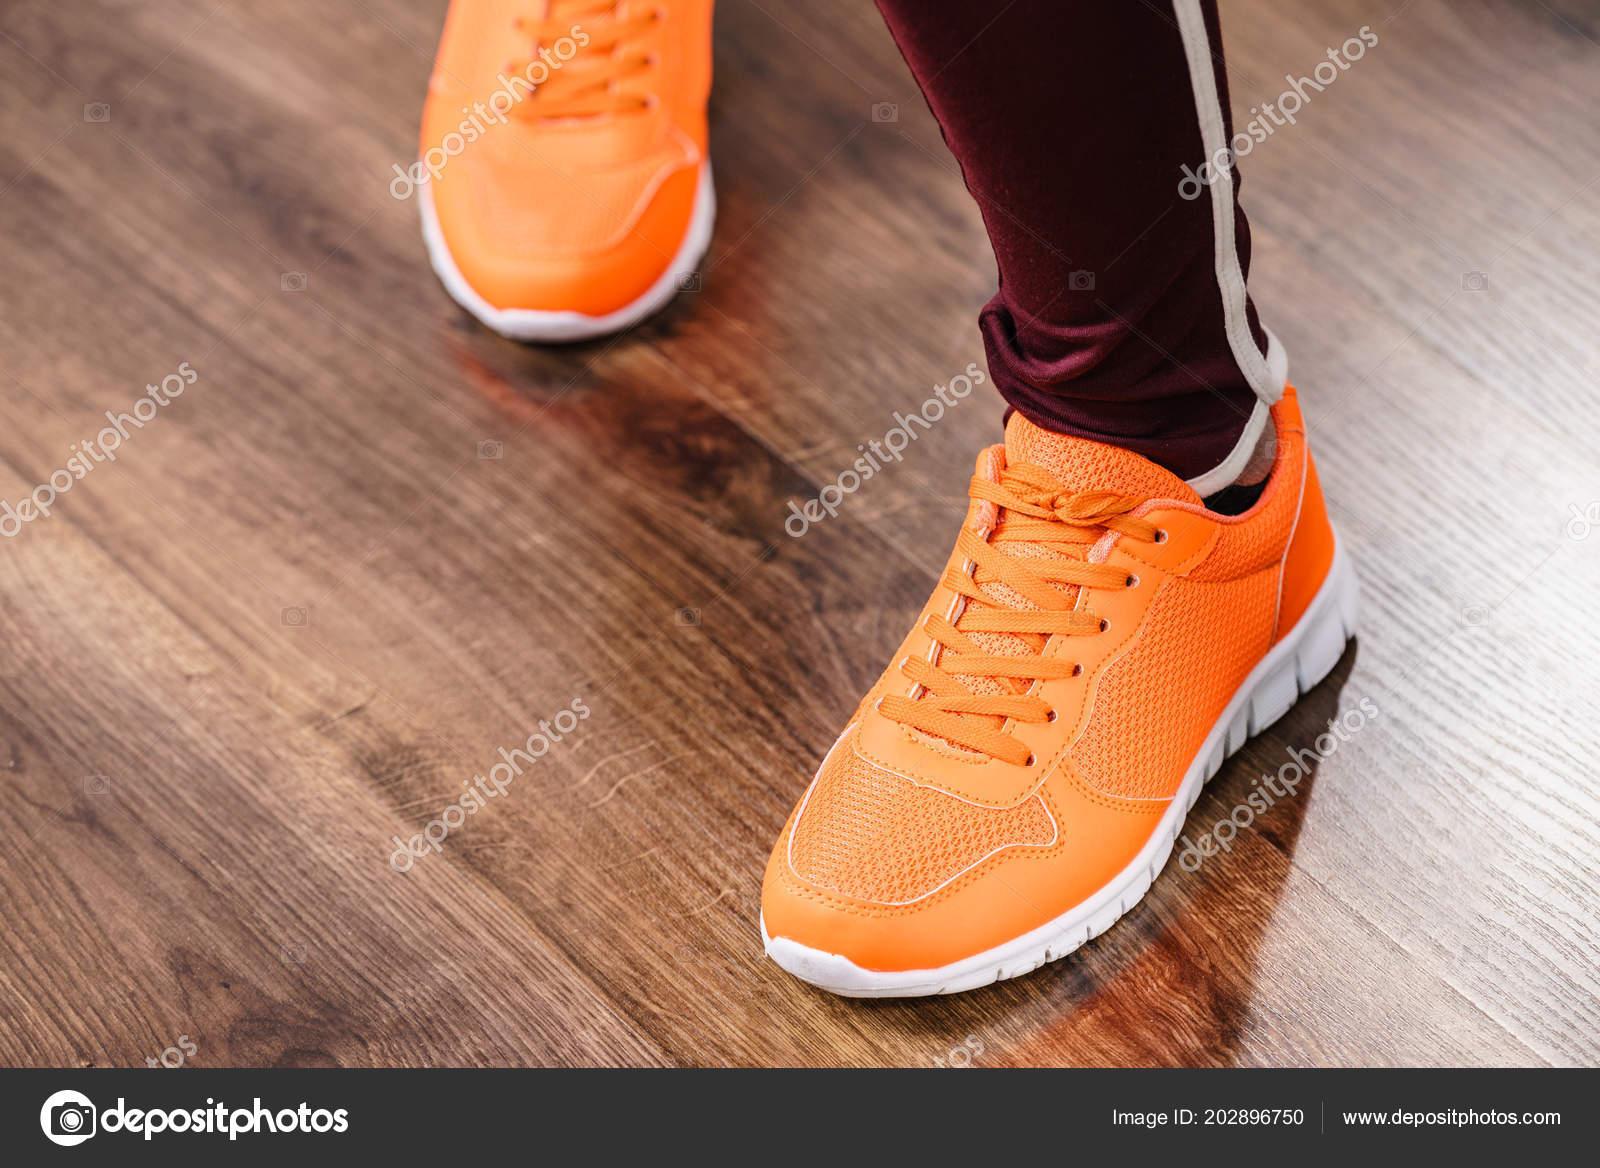 Visel Sportruházat Oktatók Piros Cipő Kényelmes Cipő Tökéletes Edzést Edzés  — Stock Fotó 246c3bca67